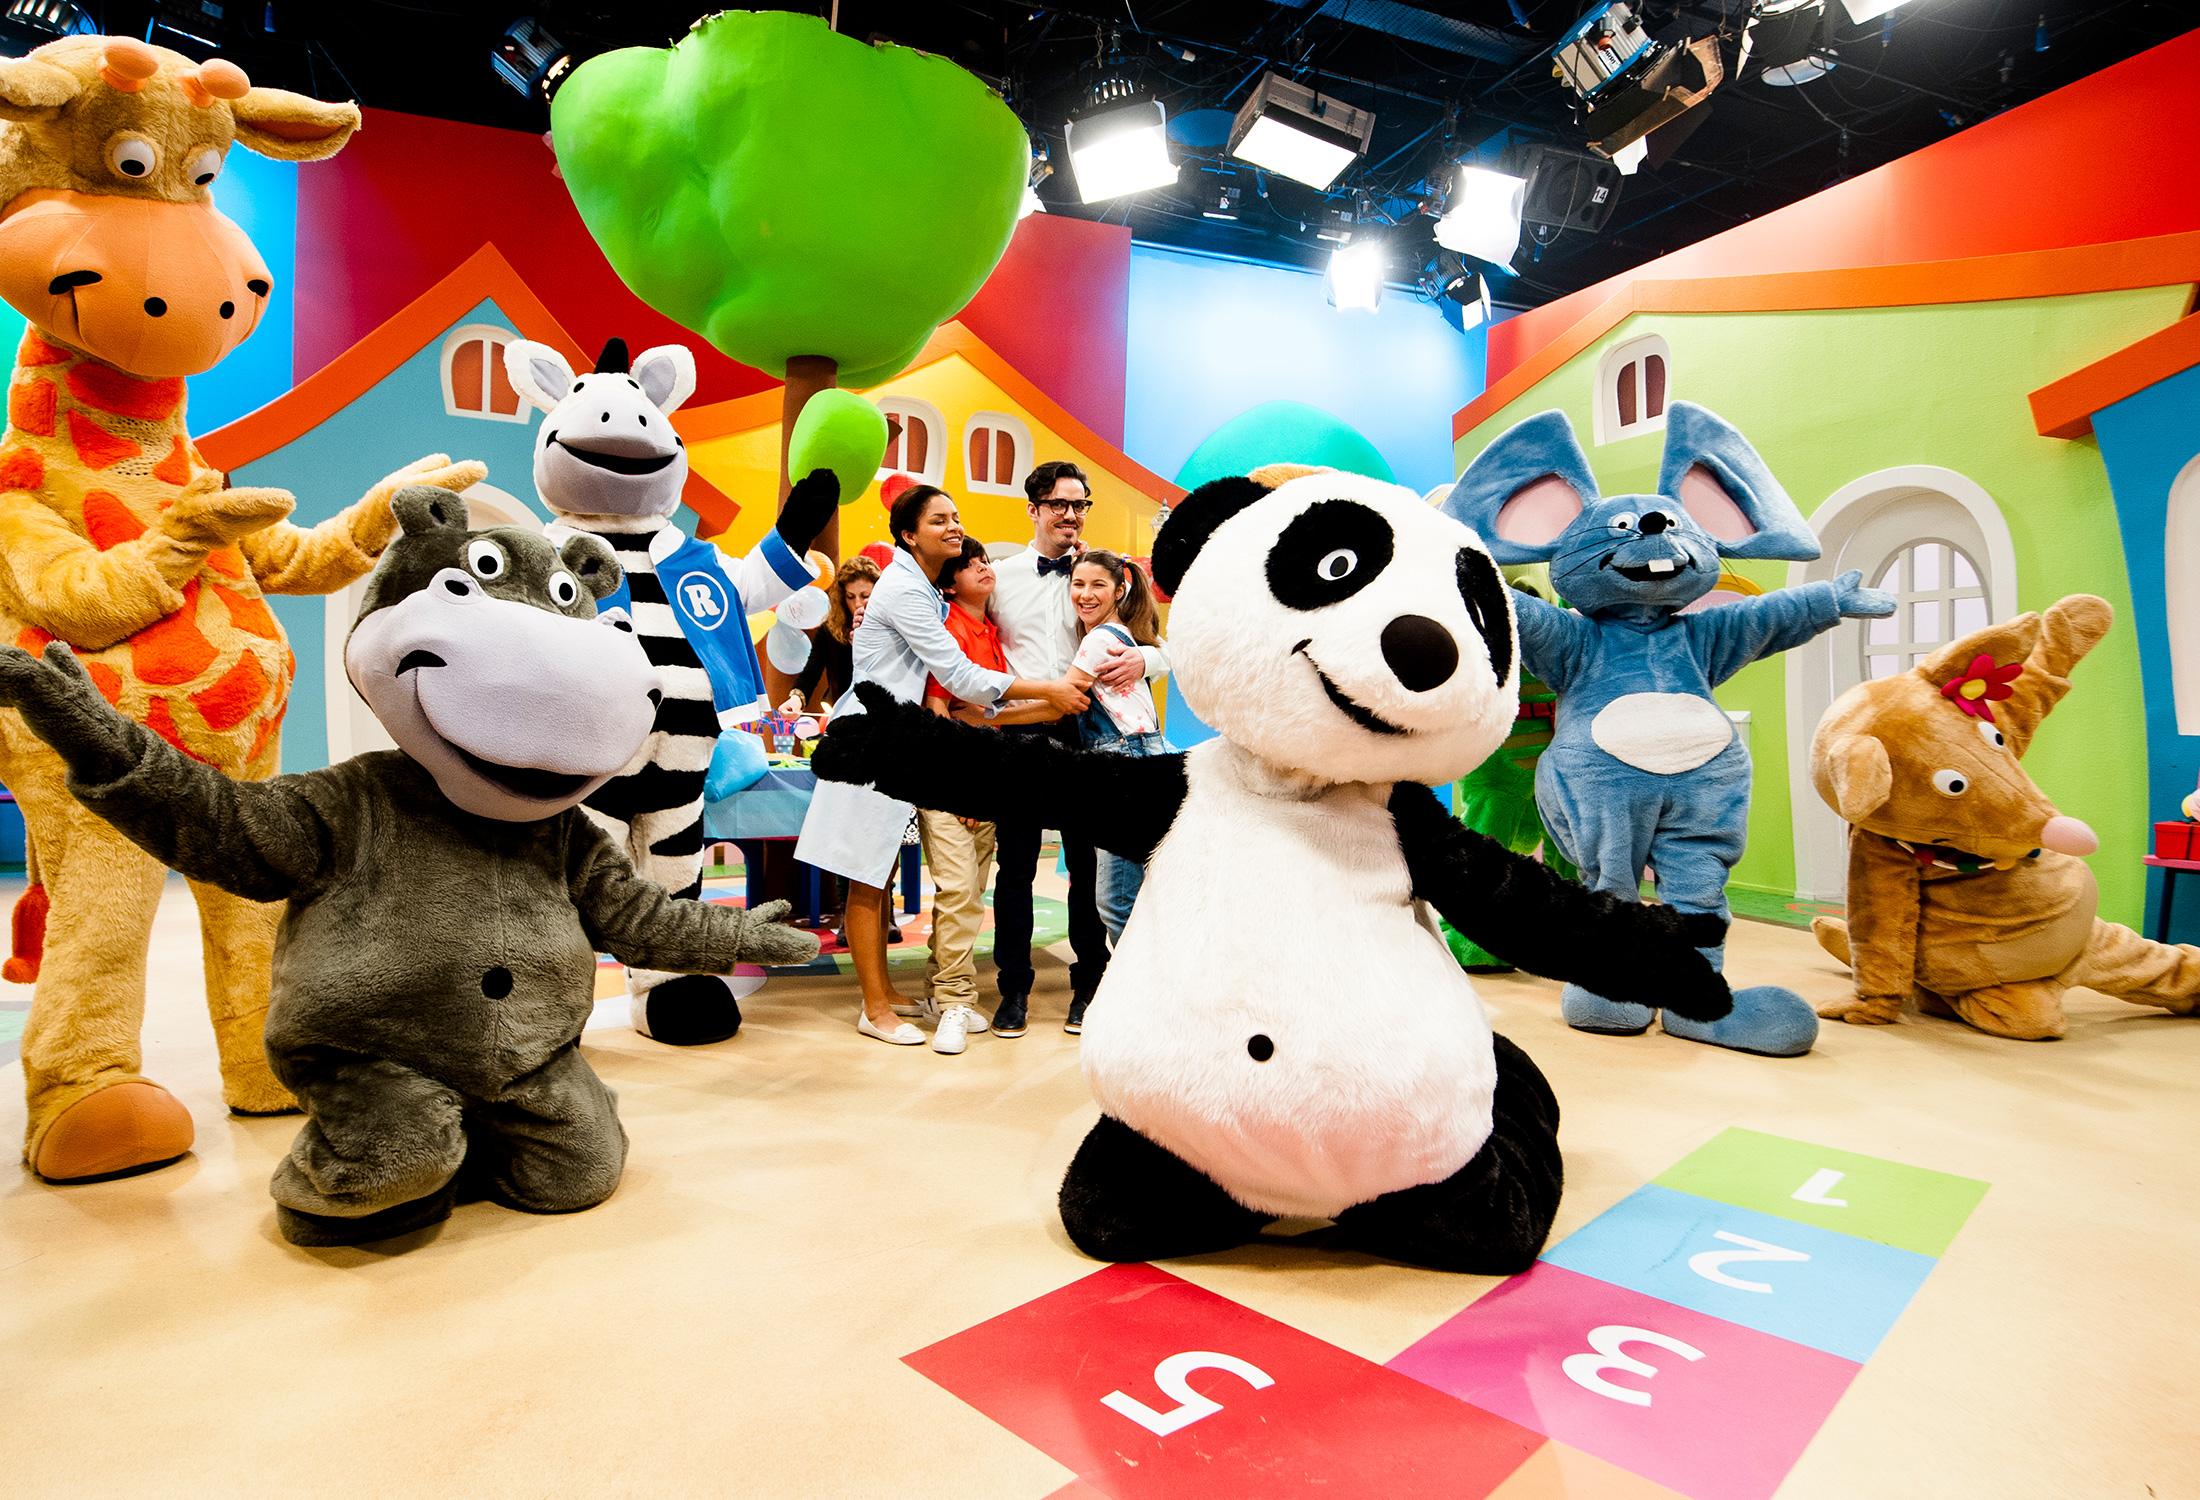 Panda e os Amigos